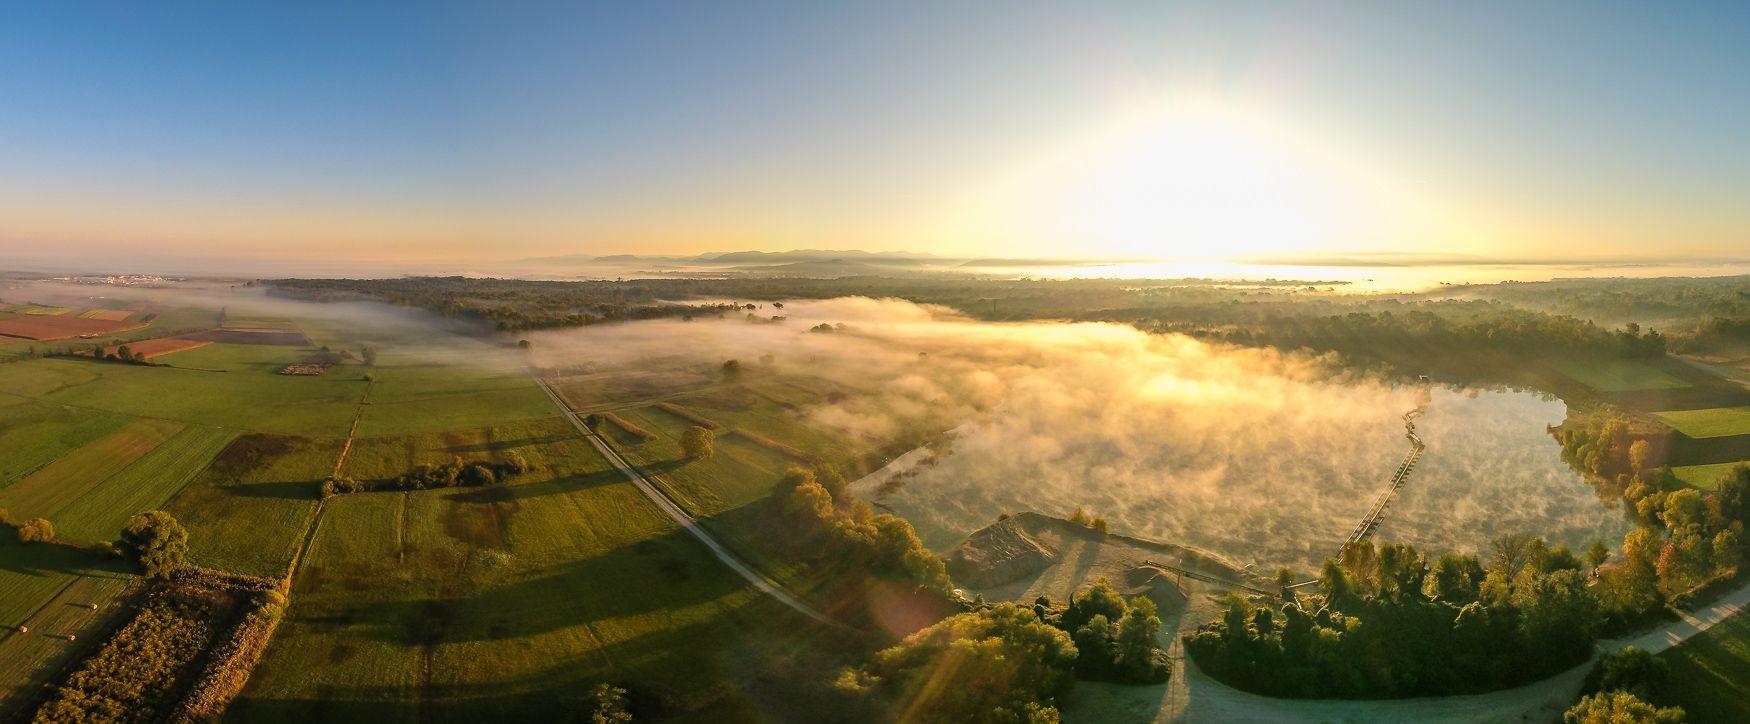 Wetter Rheine Morgen